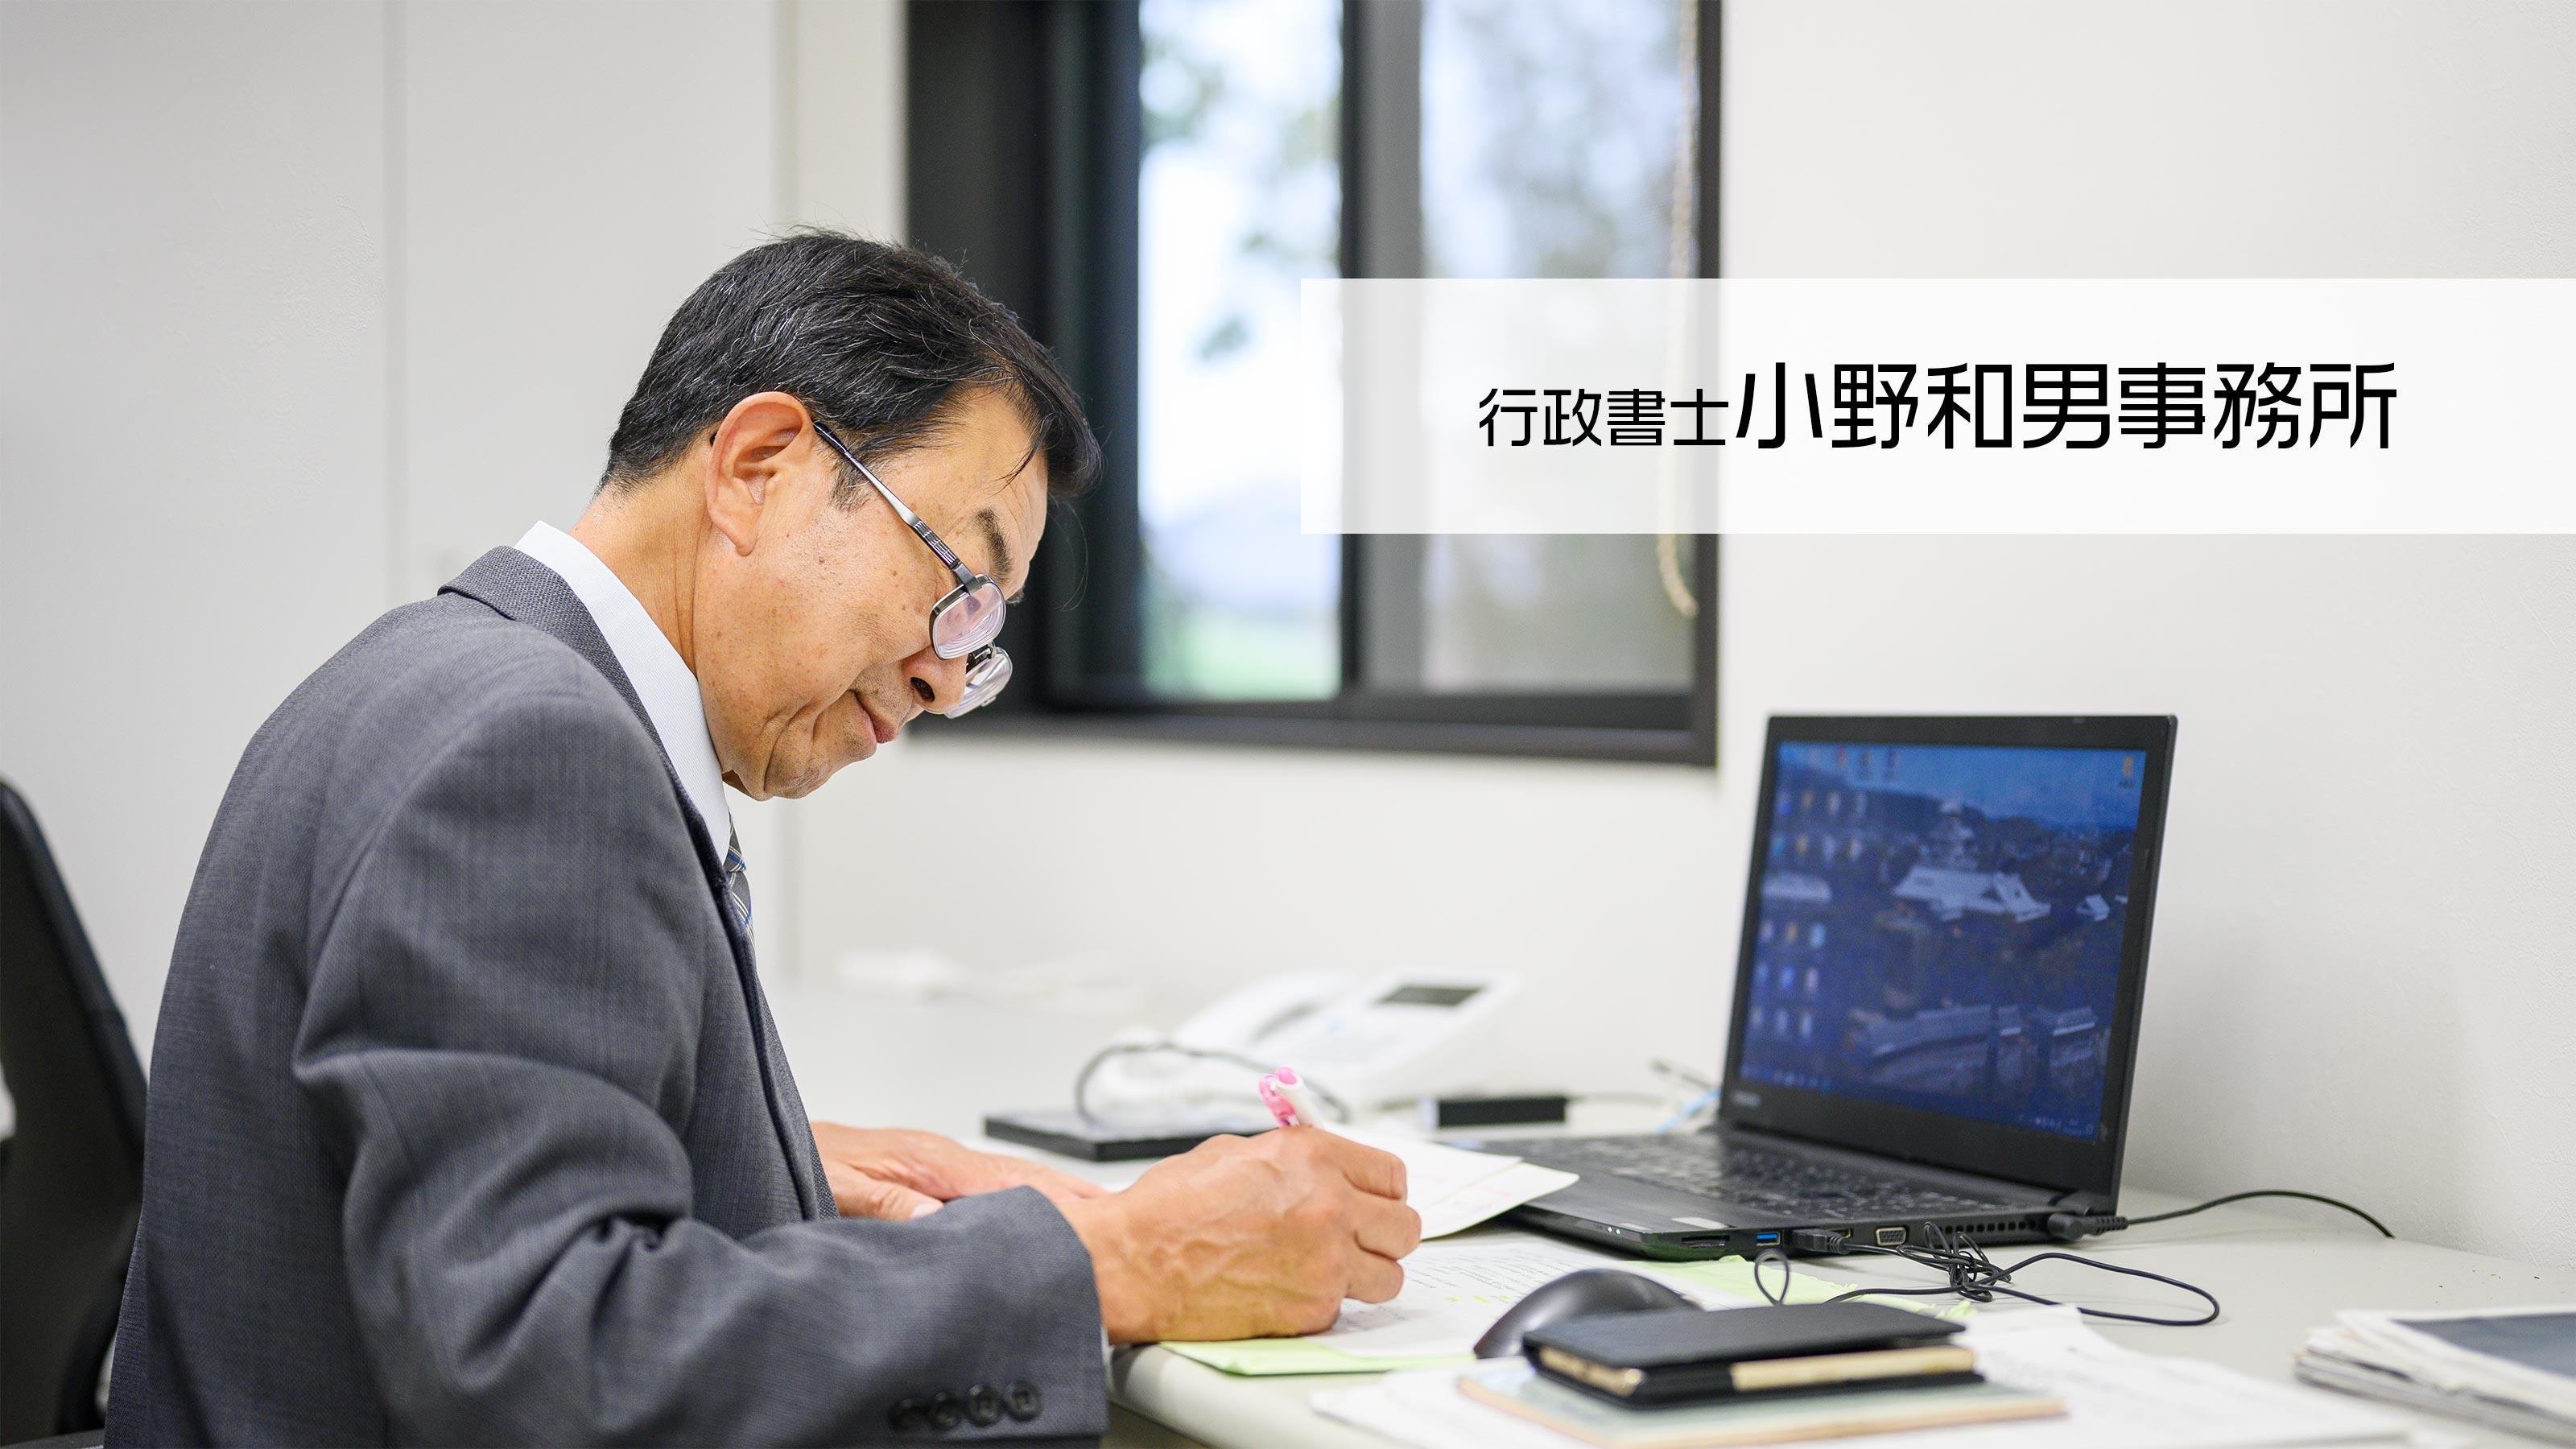 行政書士小野和男事務所。三重県津市の行政書士です。